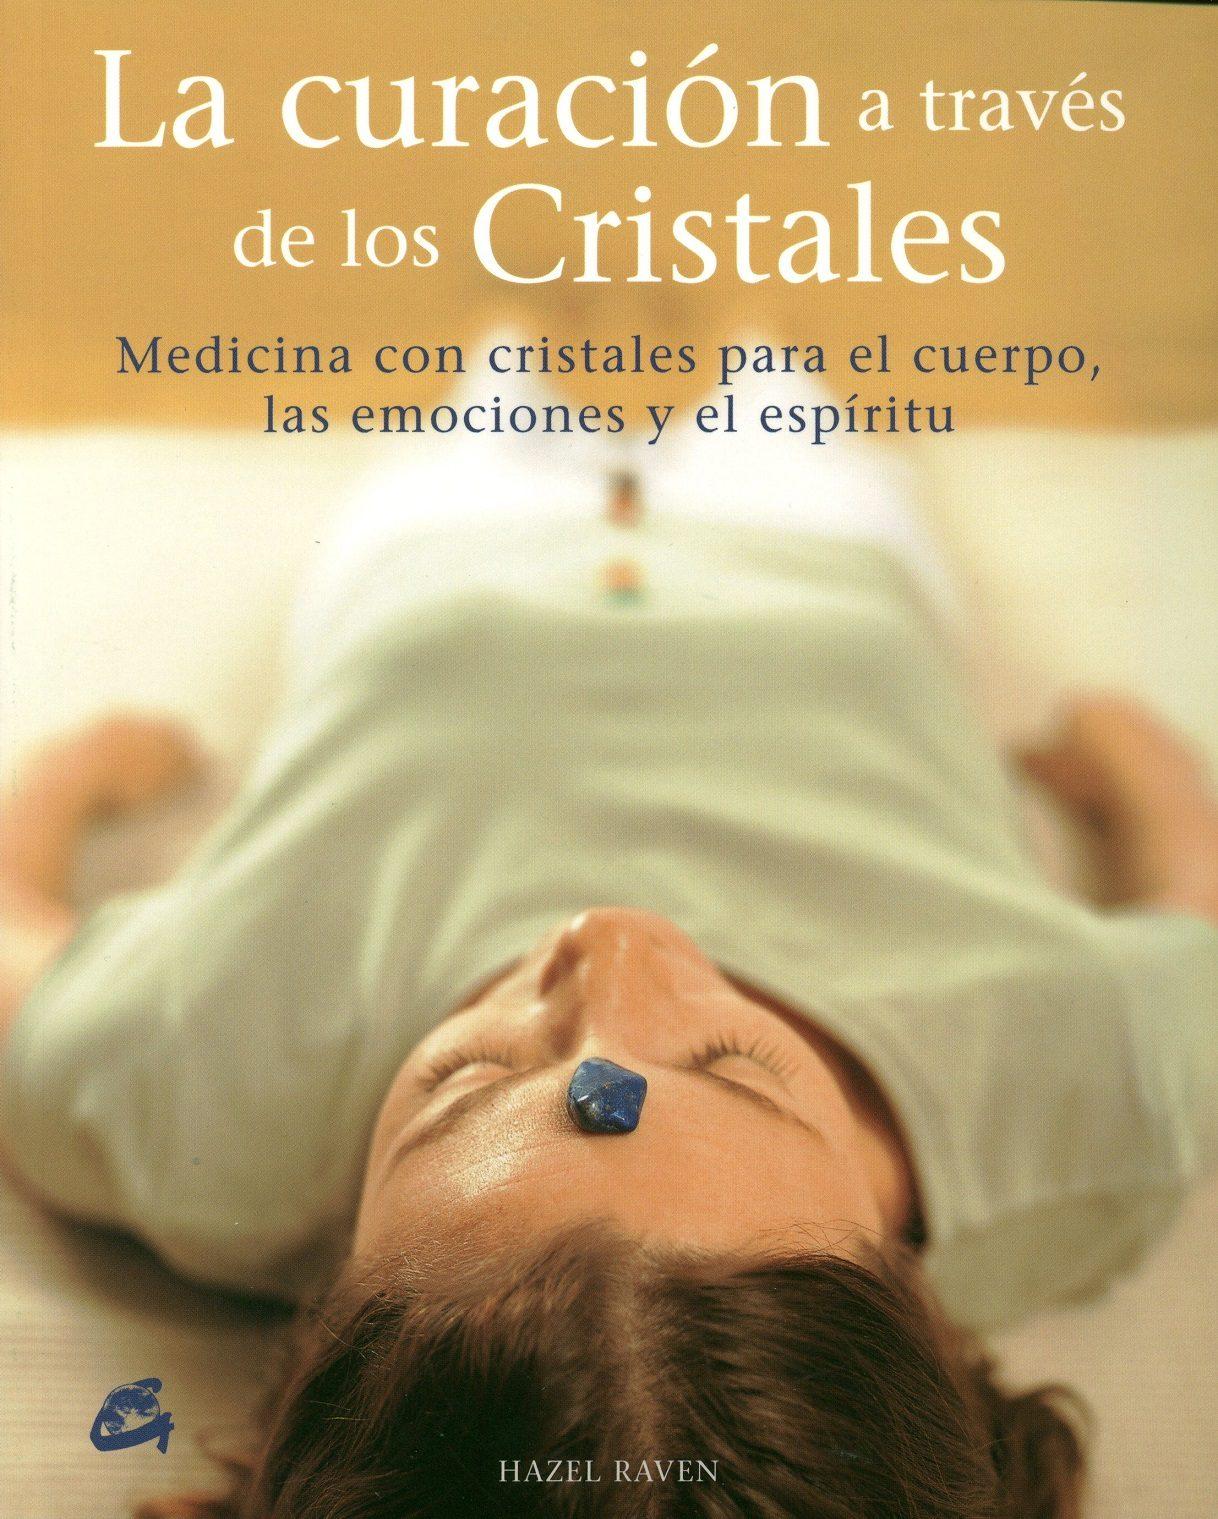 La Curacion A Traves De Los Cristales: Medicina Con Cristales Par A El Cuerpo, Las Emociones Y El Espiritu por Hazel Raven epub